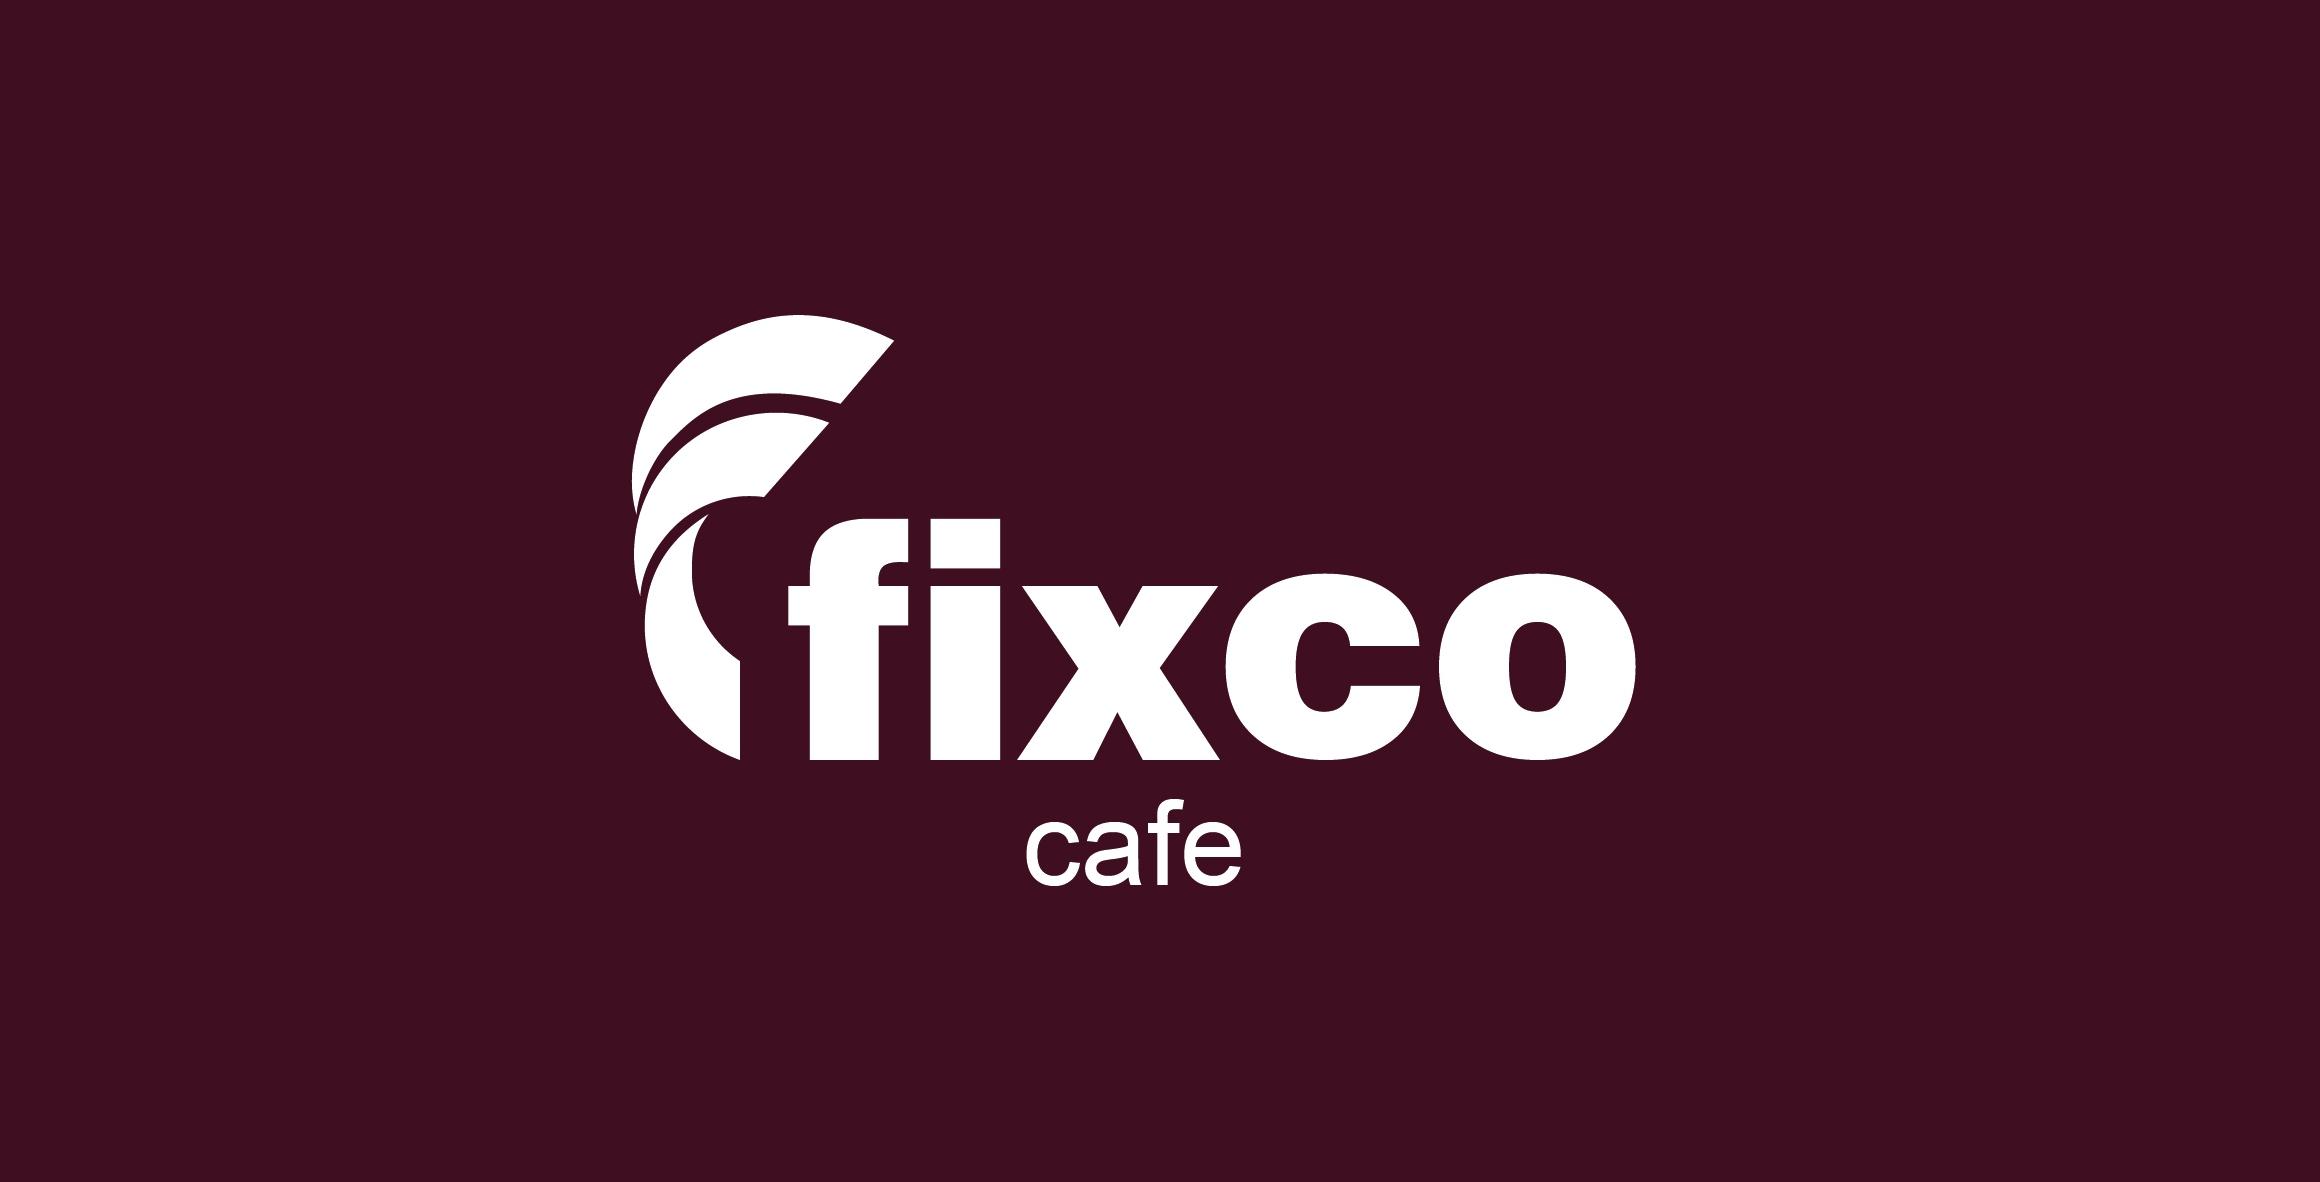 Название, цвета, логотип и дизайн оформления для сети кофеен фото f_3495b9d3b47a1841.jpg